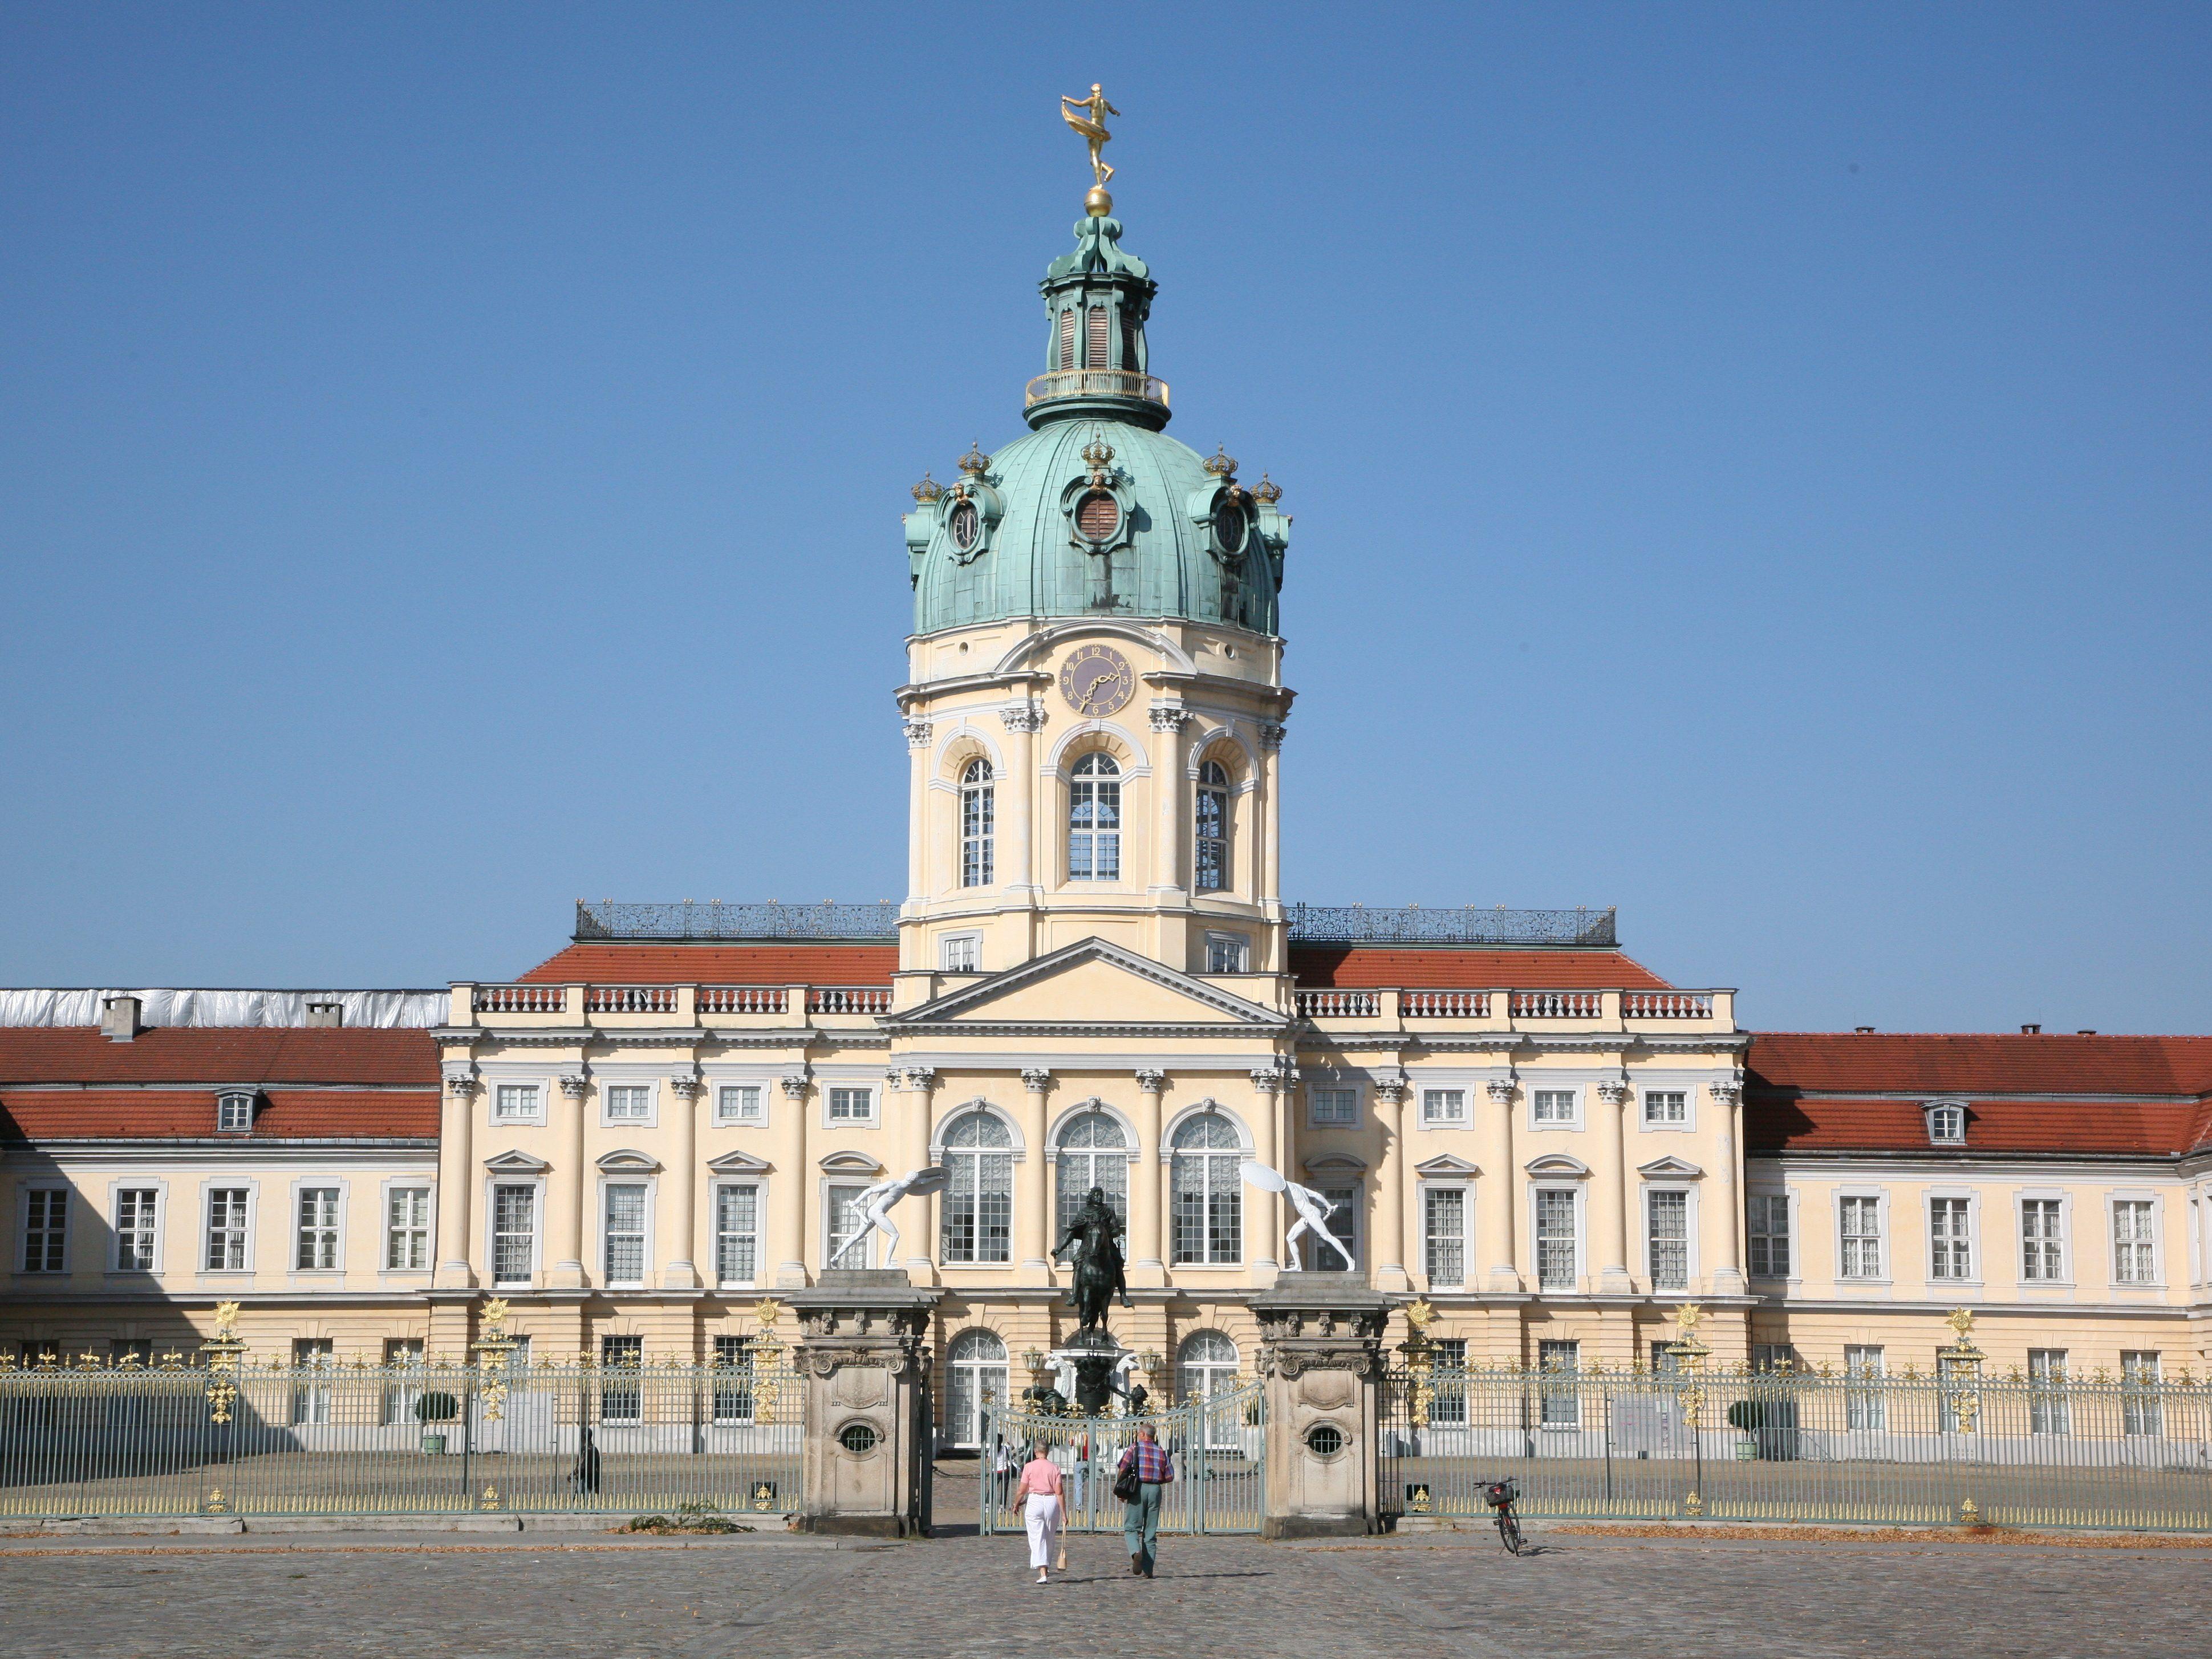 Das Schloss Charlottenburg ist einer der Anziehungspunkte in Charlottenburg. Prachtvolle Säle und der Barockgarten können ebenso besichtigt werden wie die Ahnengalerie und die Schlosskapelle.